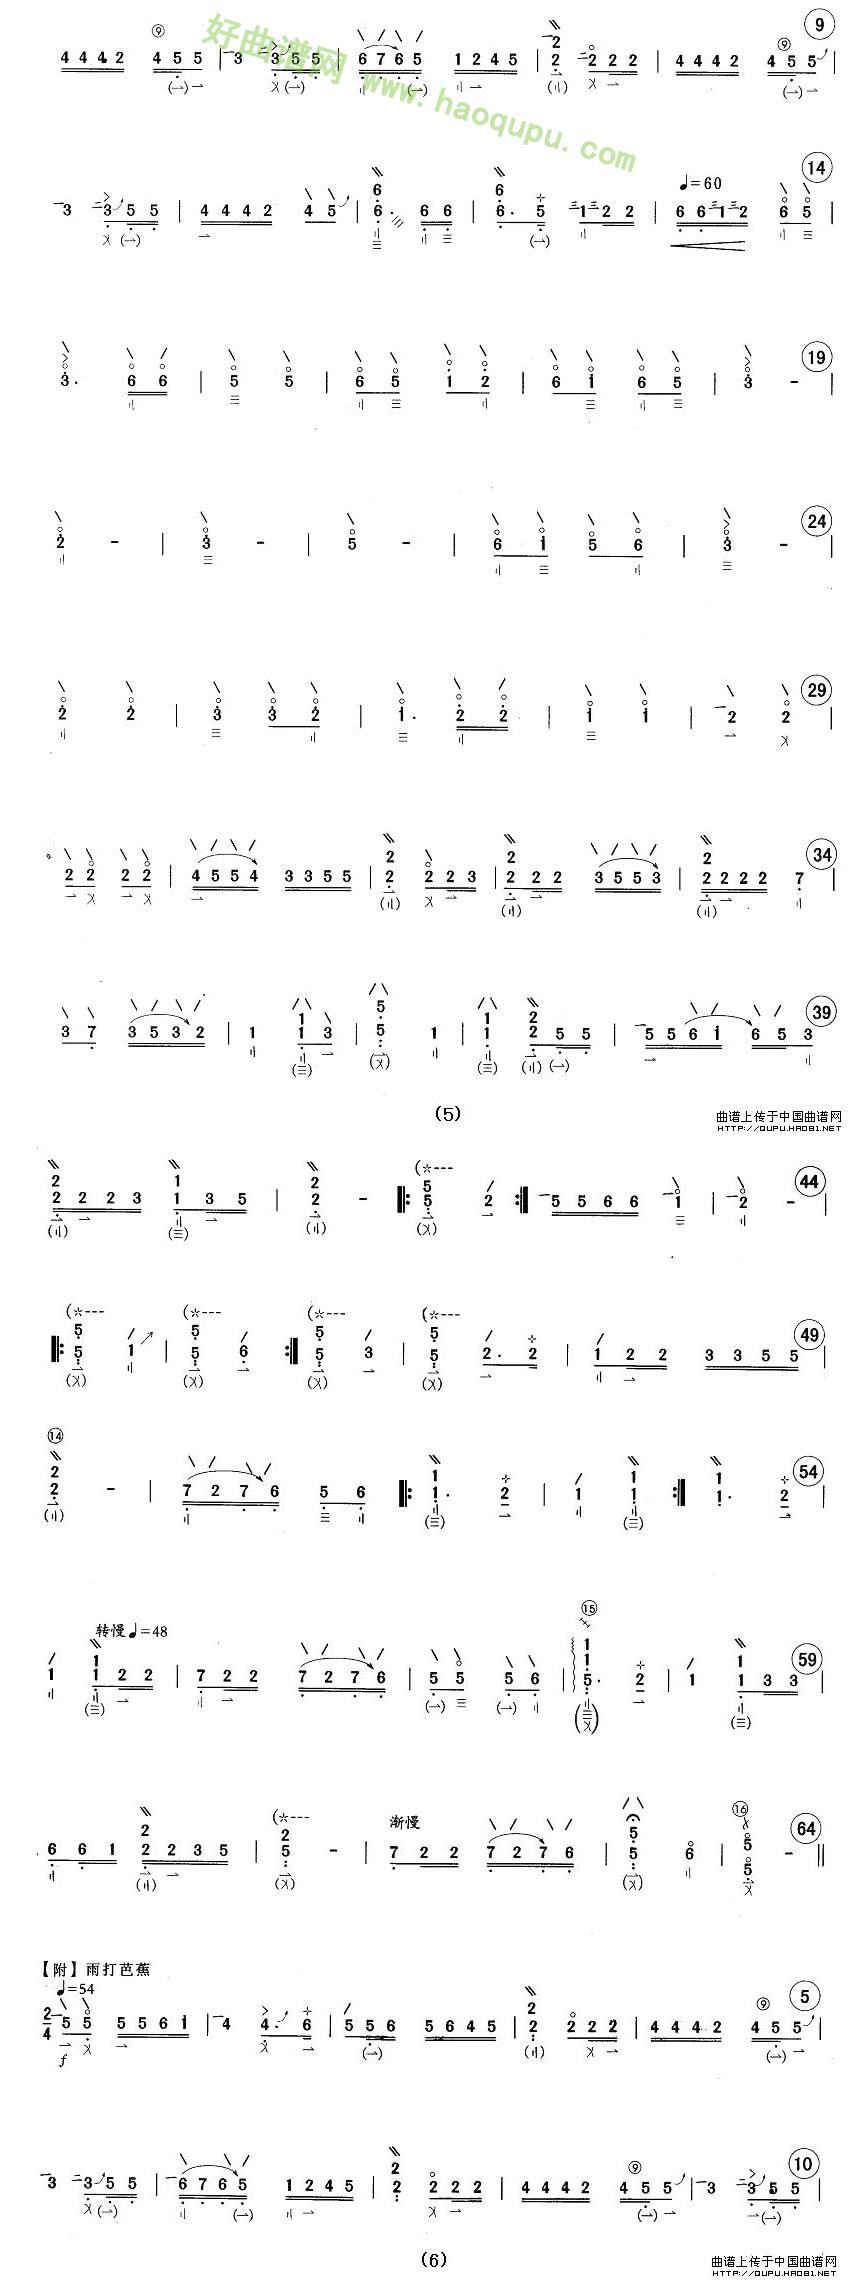 《青莲乐府》(卫仲乐演奏版)琵琶曲谱第3张